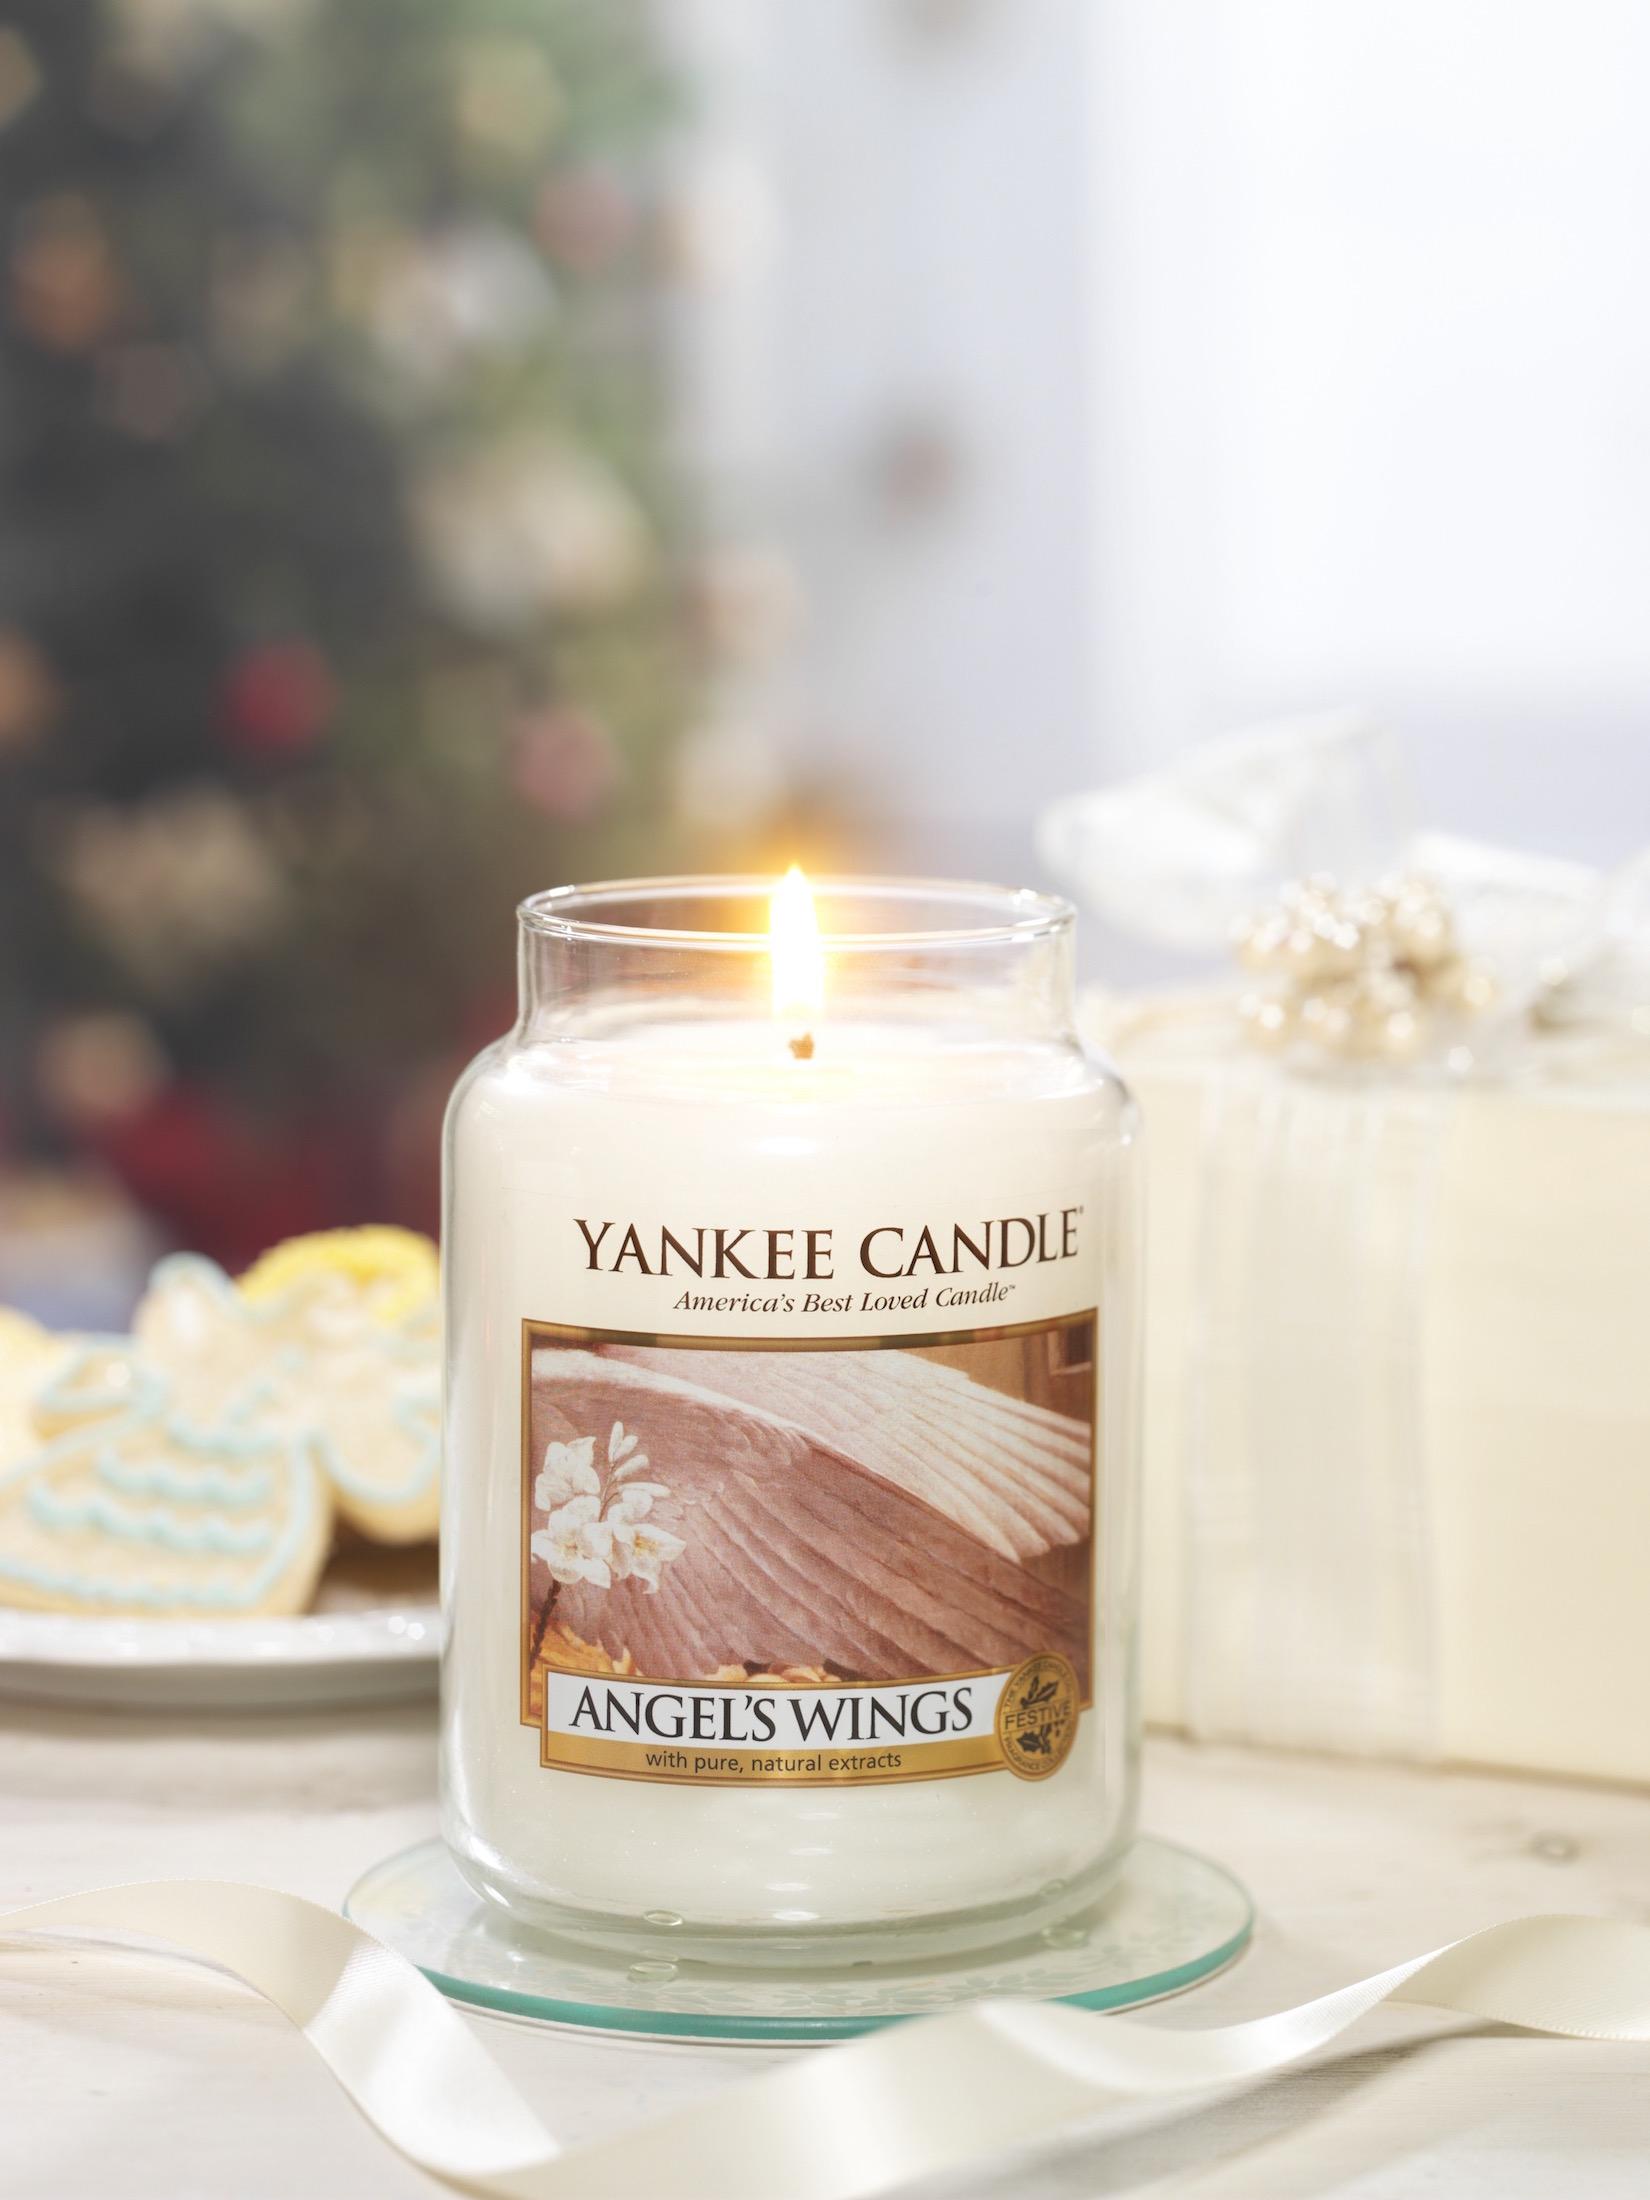 Svíčka Angel's Wings s vůní bílých květů, cukru a vanilky